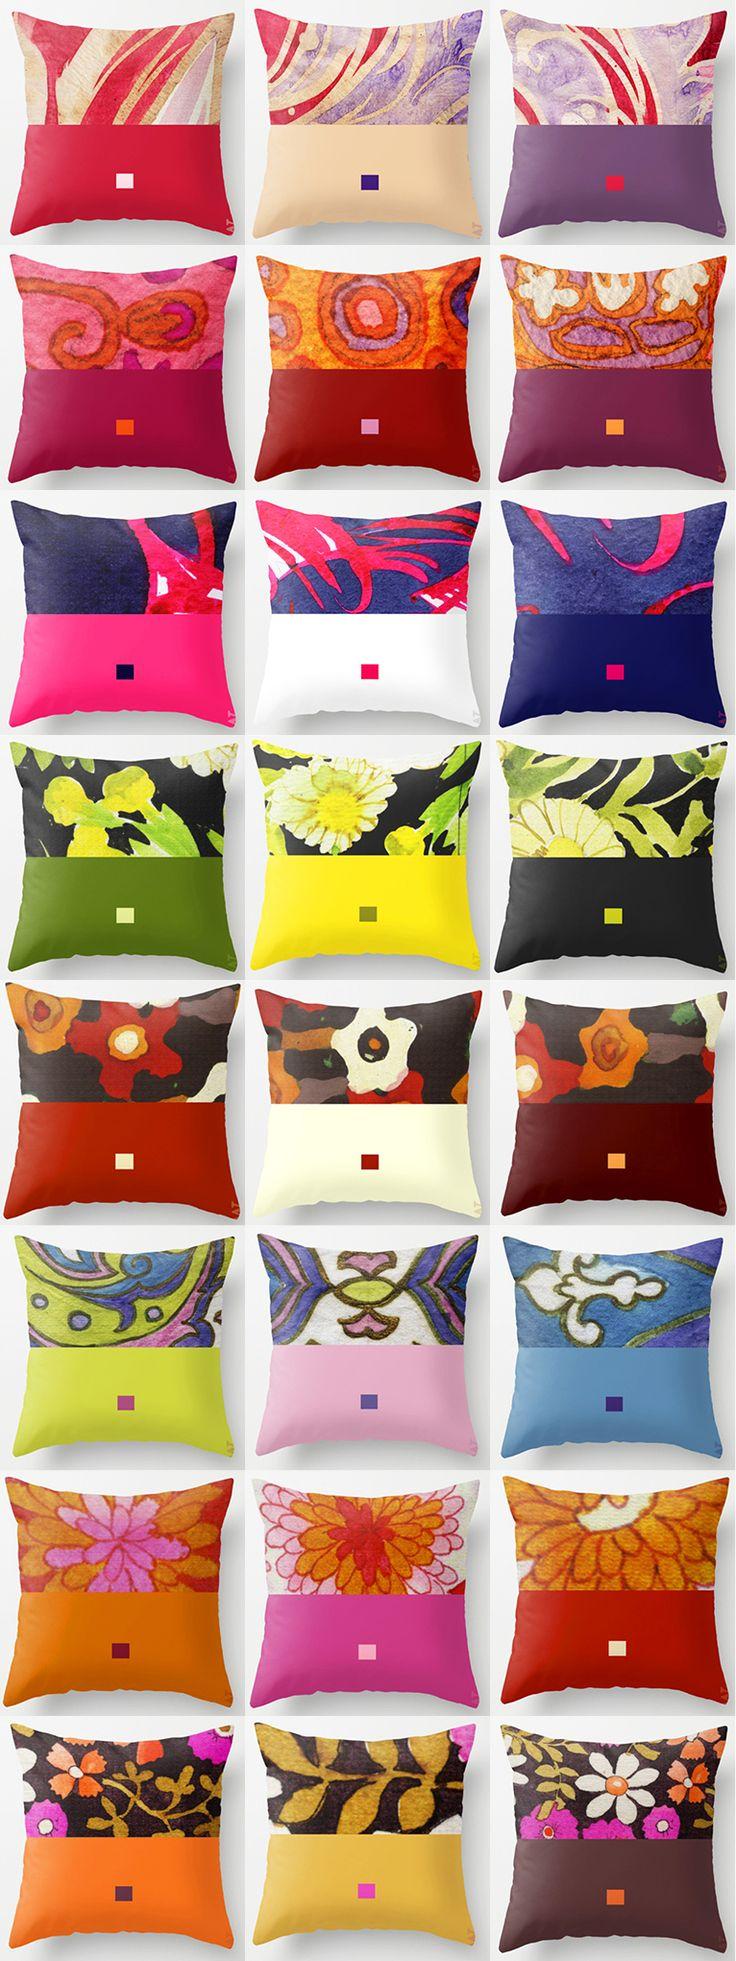 Progetto tessile di STRATEGIC-DESIGN per linea di cuscini in cotone stampato con grafica originale.